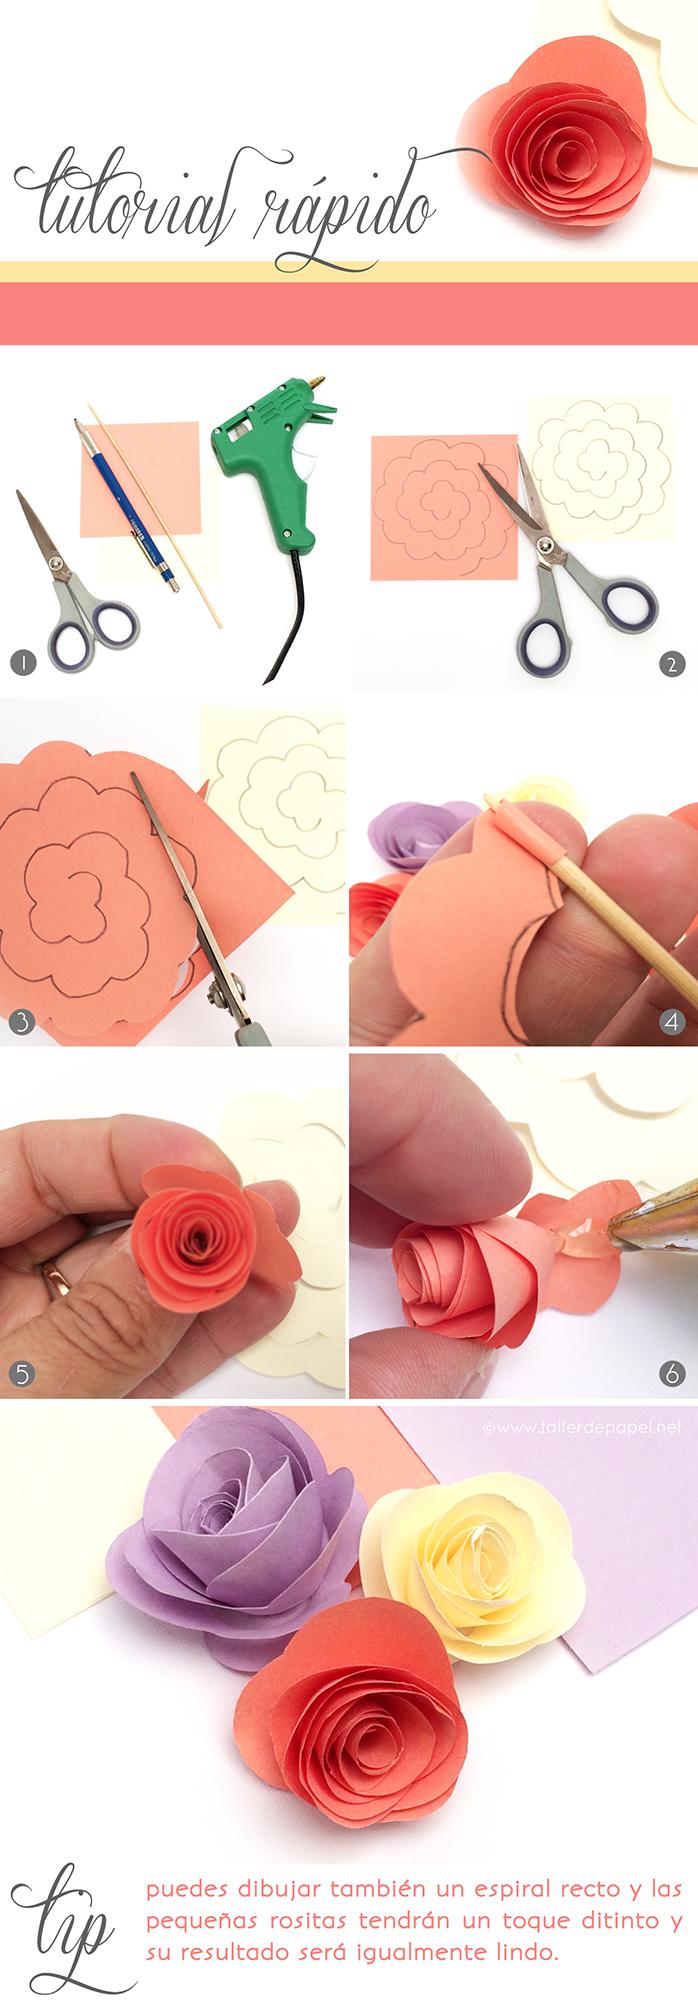 DIY Tutorial Rápido: Hoy como hacer mini rositas de papel! Sigue este simple paso a paso :) - Crafting Practice